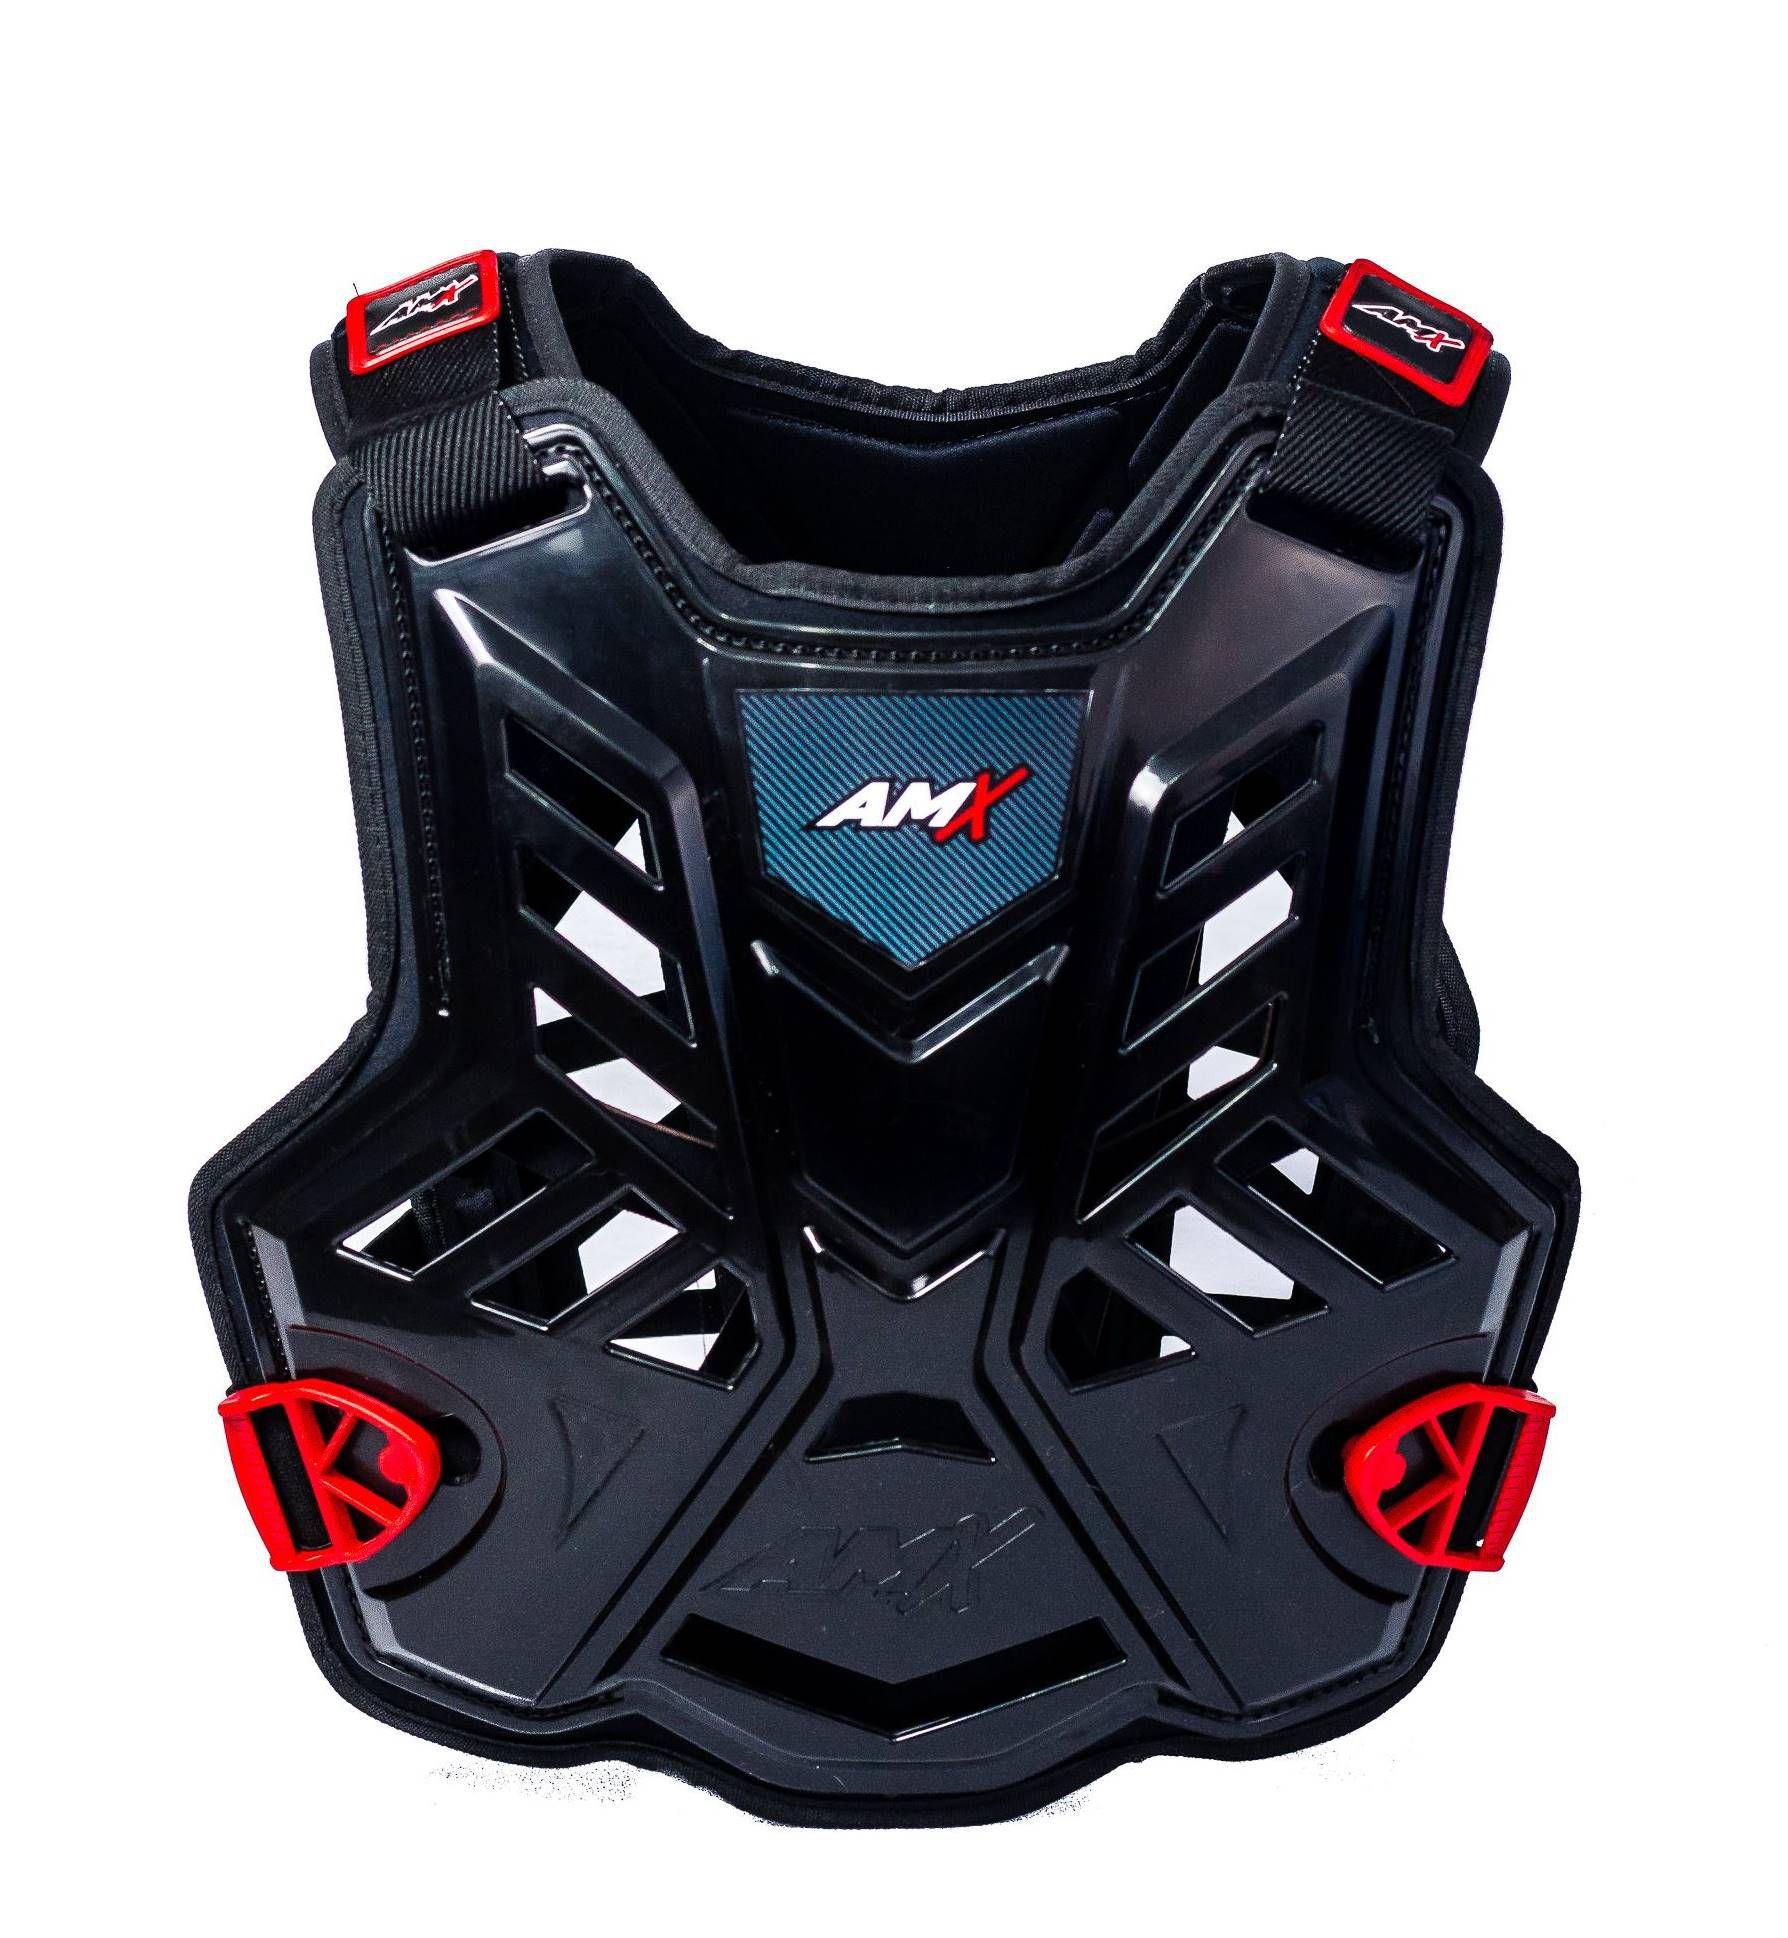 Colete Amx Control Trilha Motocross